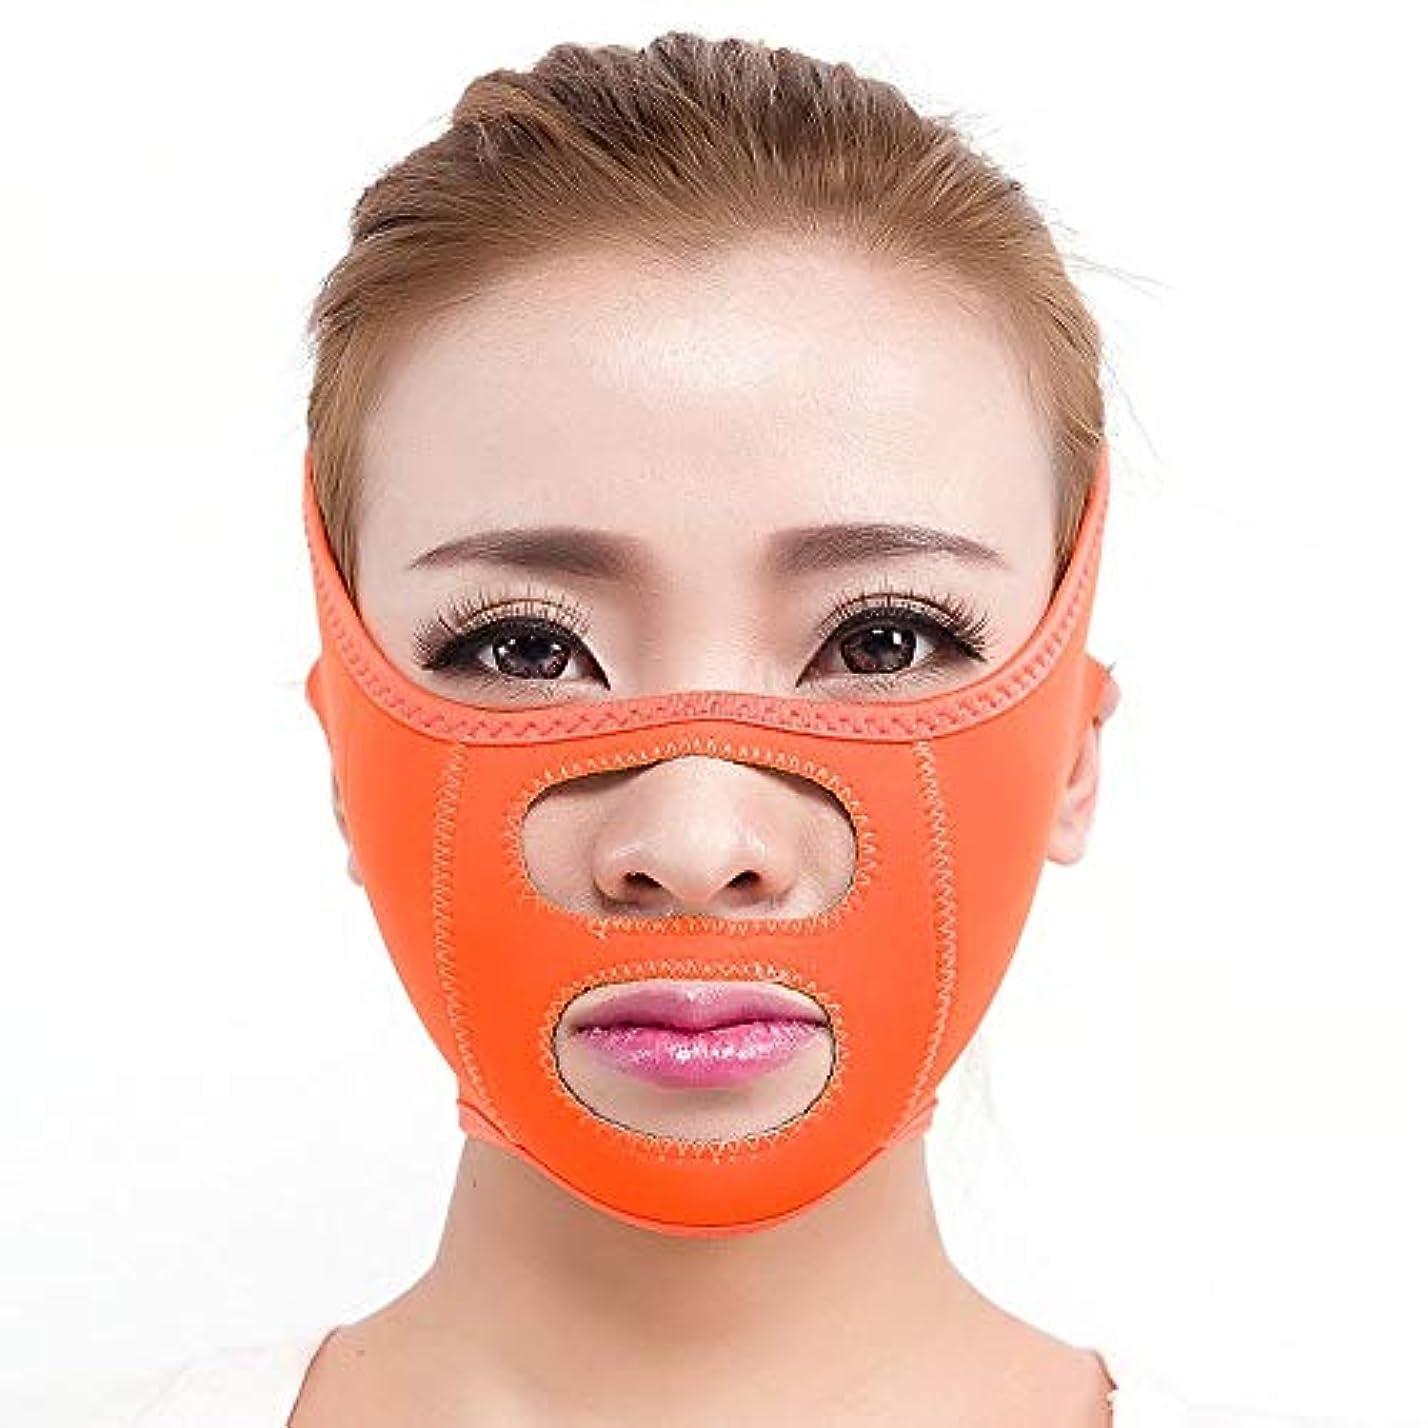 たとえ絶望的な着実にGYZ シンフェイスマスクシンフェイス包帯シンフェイスアーティファクトシンフェイスフェイシャルリフティングシンフェイススモールVフェイススリープシンフェイスベルト Thin Face Belt (Color : A)